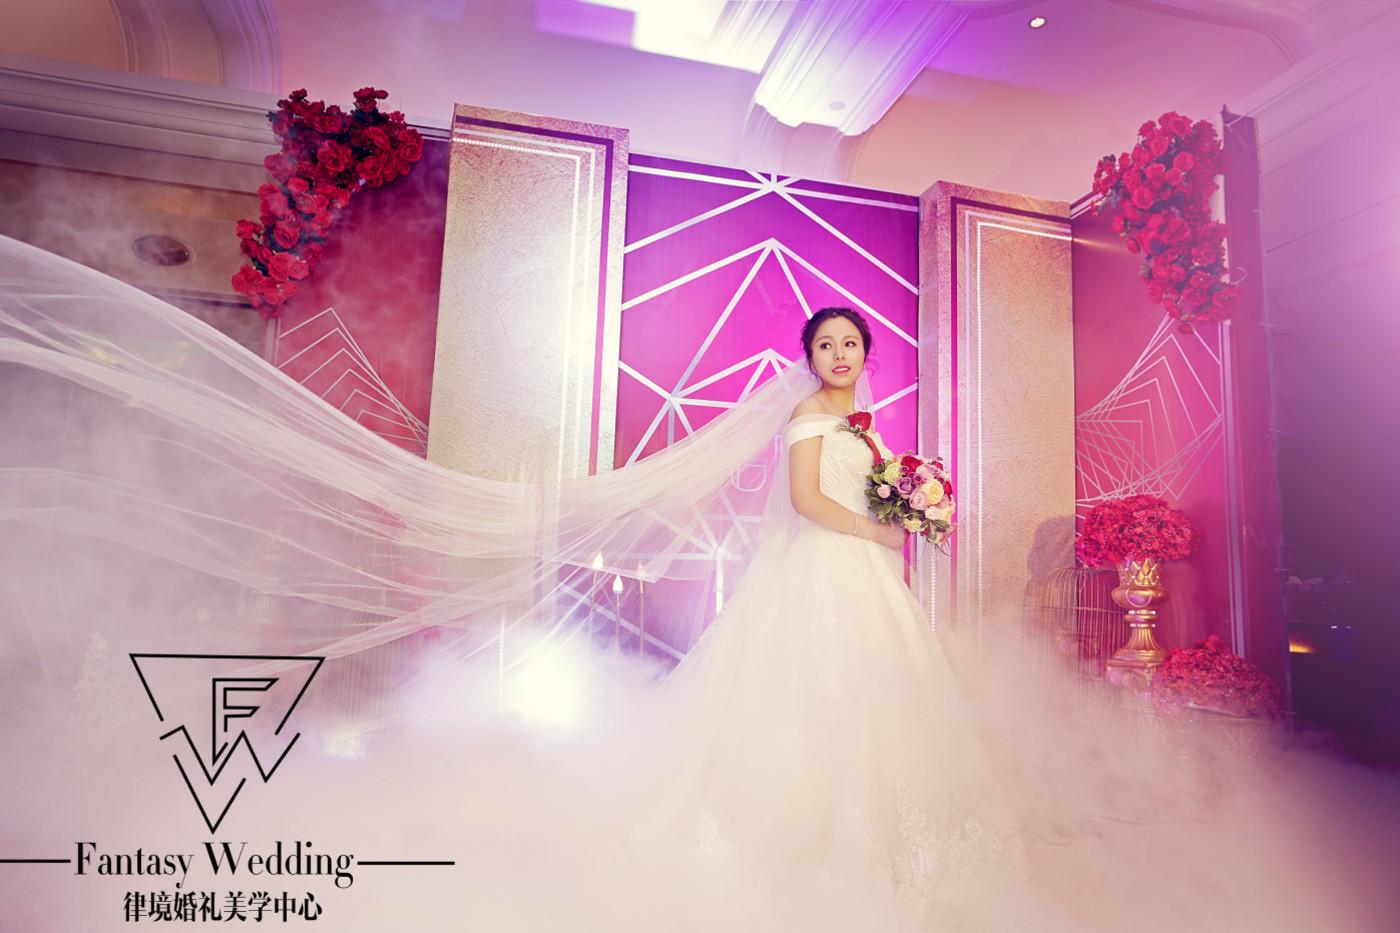 「Fantasy Wedding」&G R 白金汉爵24